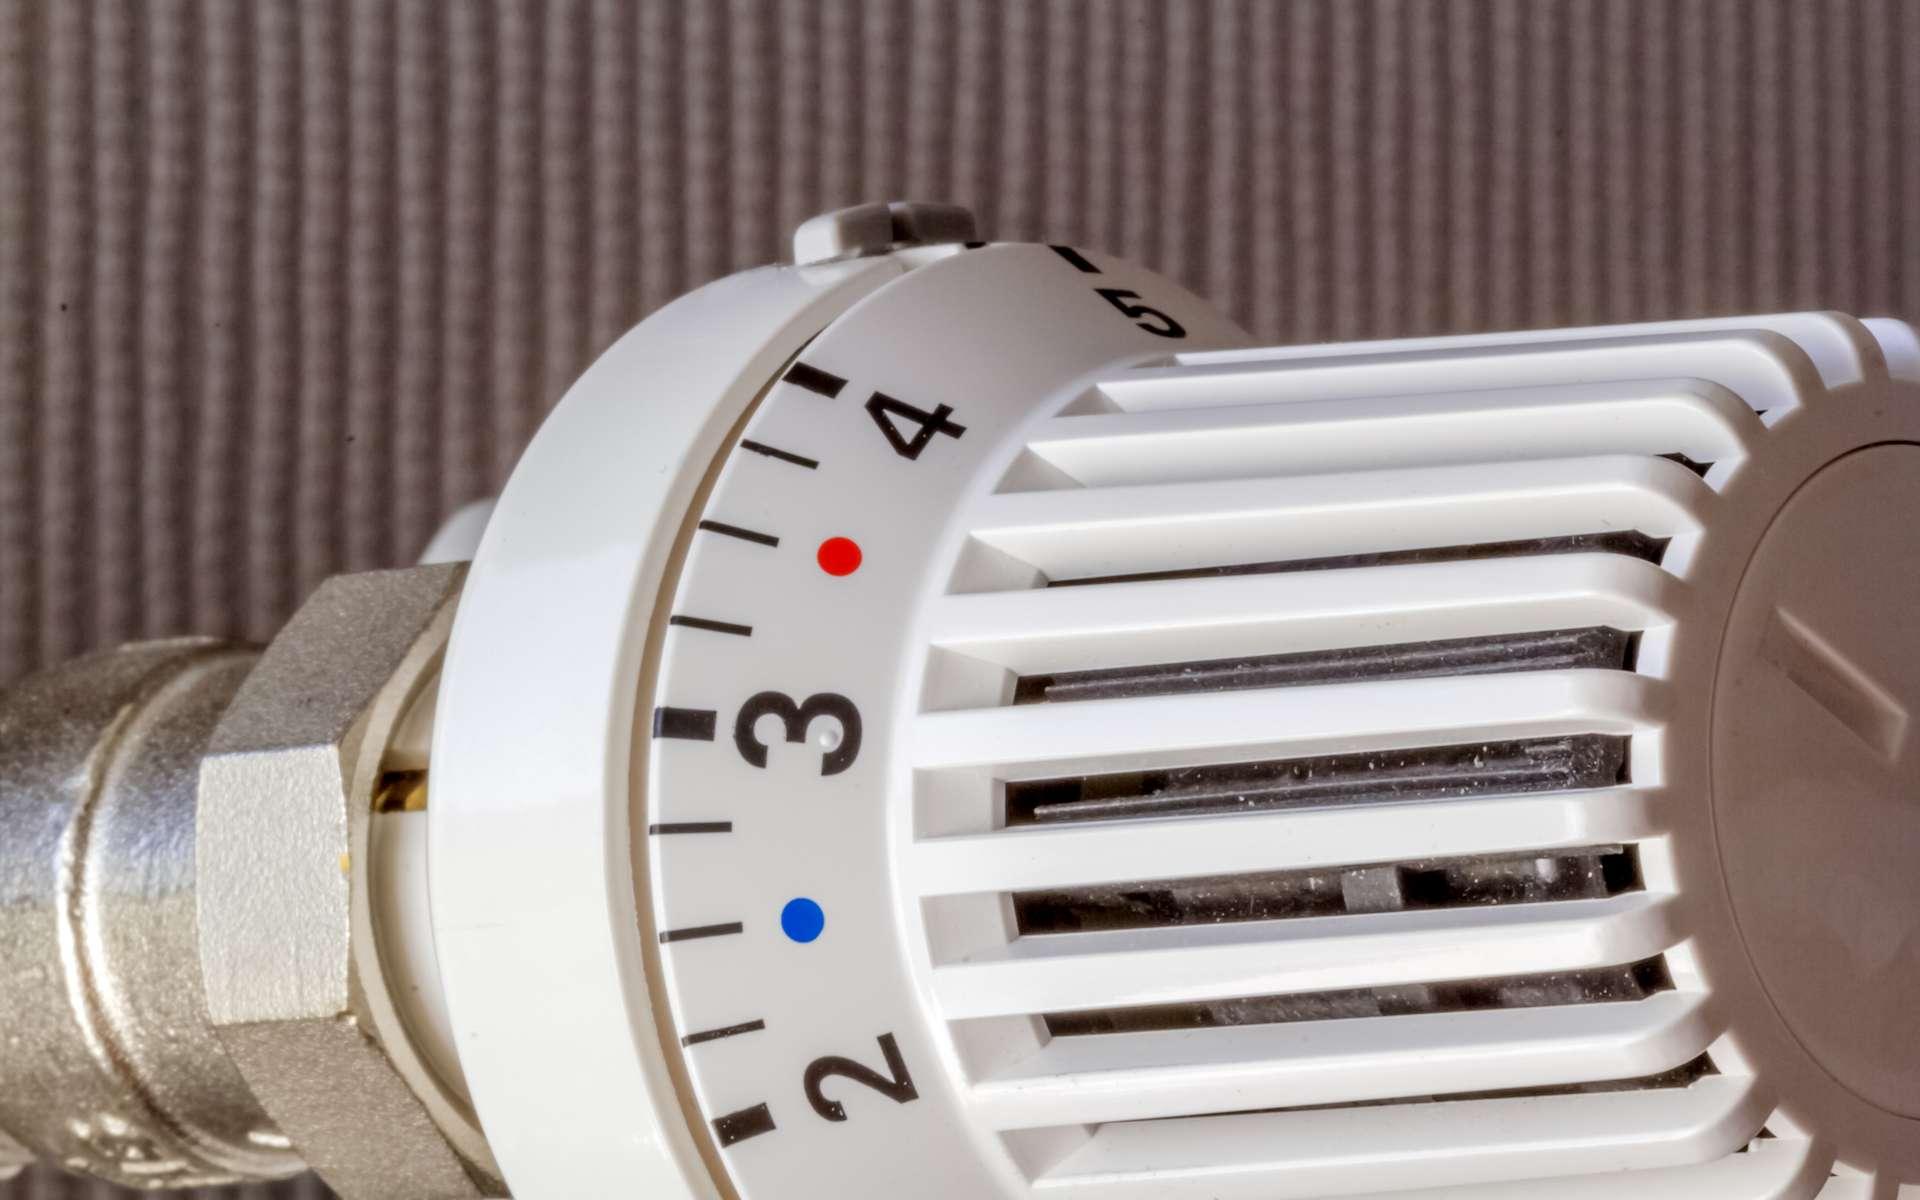 Le thermostat d'ambiance est complémentaire à son usage. © Unclesam, Adobe Stock